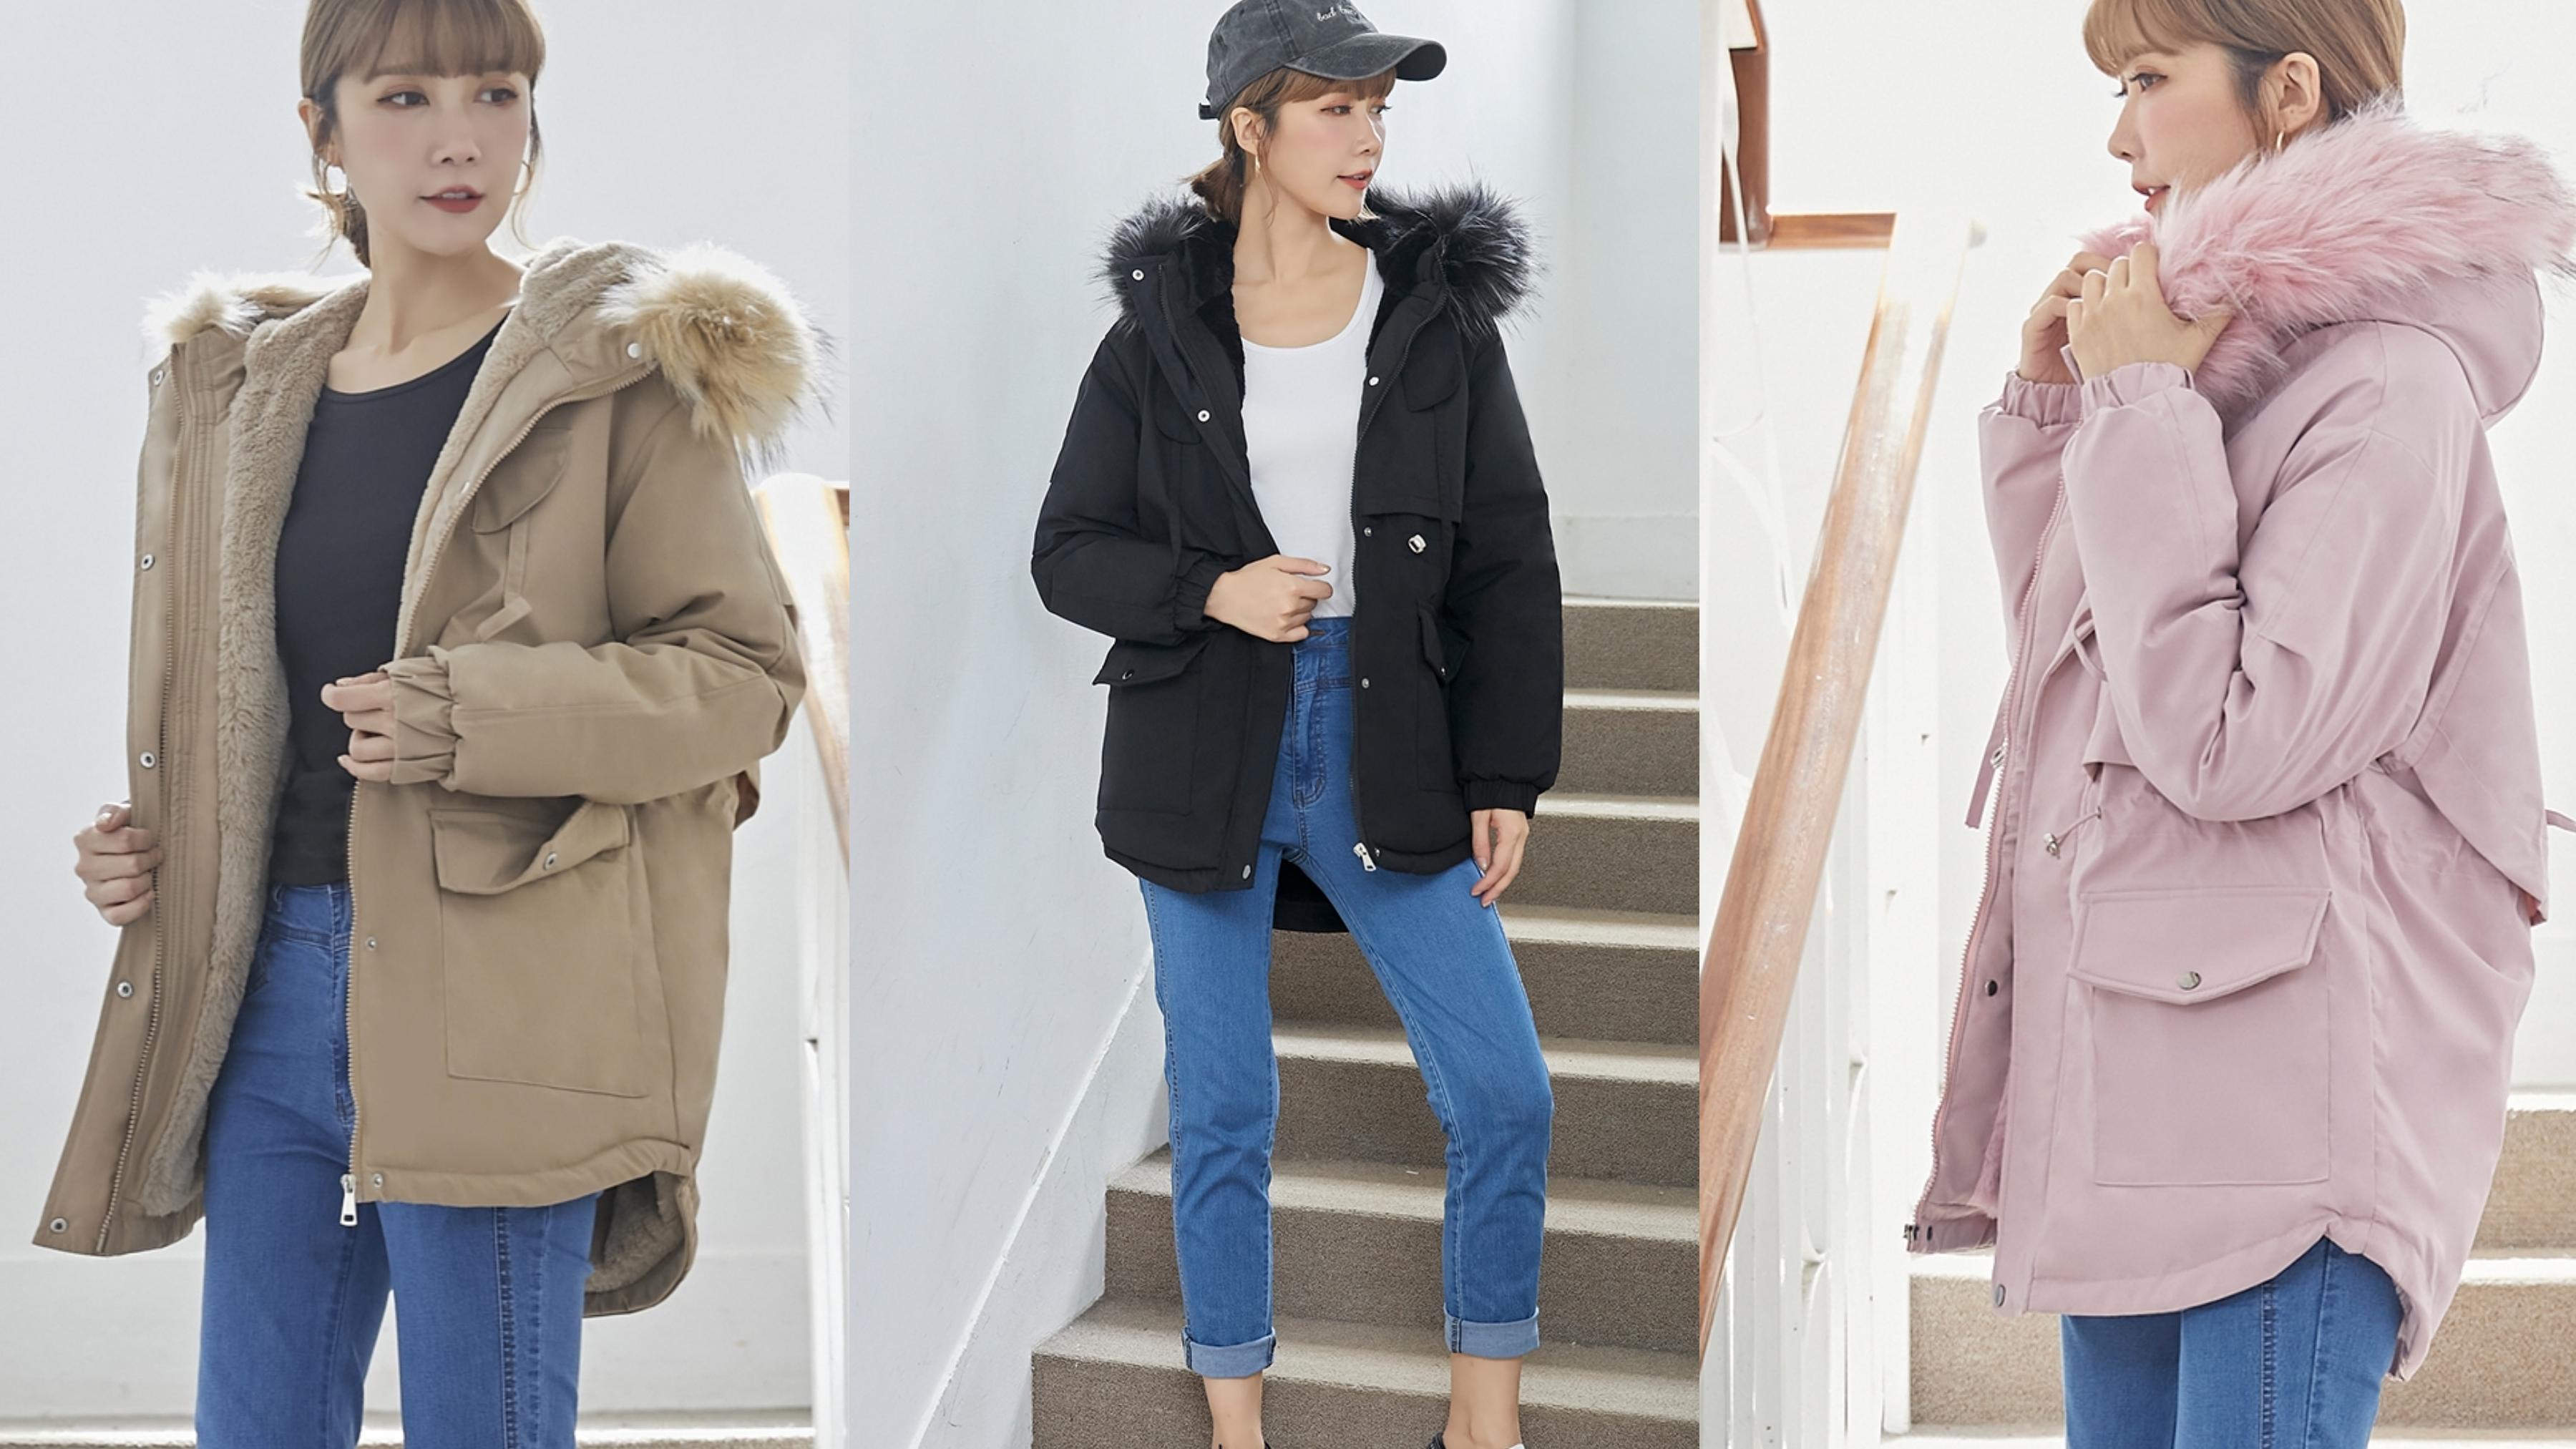 腰間綁帶設計,穿上修身顯瘦,搭配舒適面料,好柔軟細緻